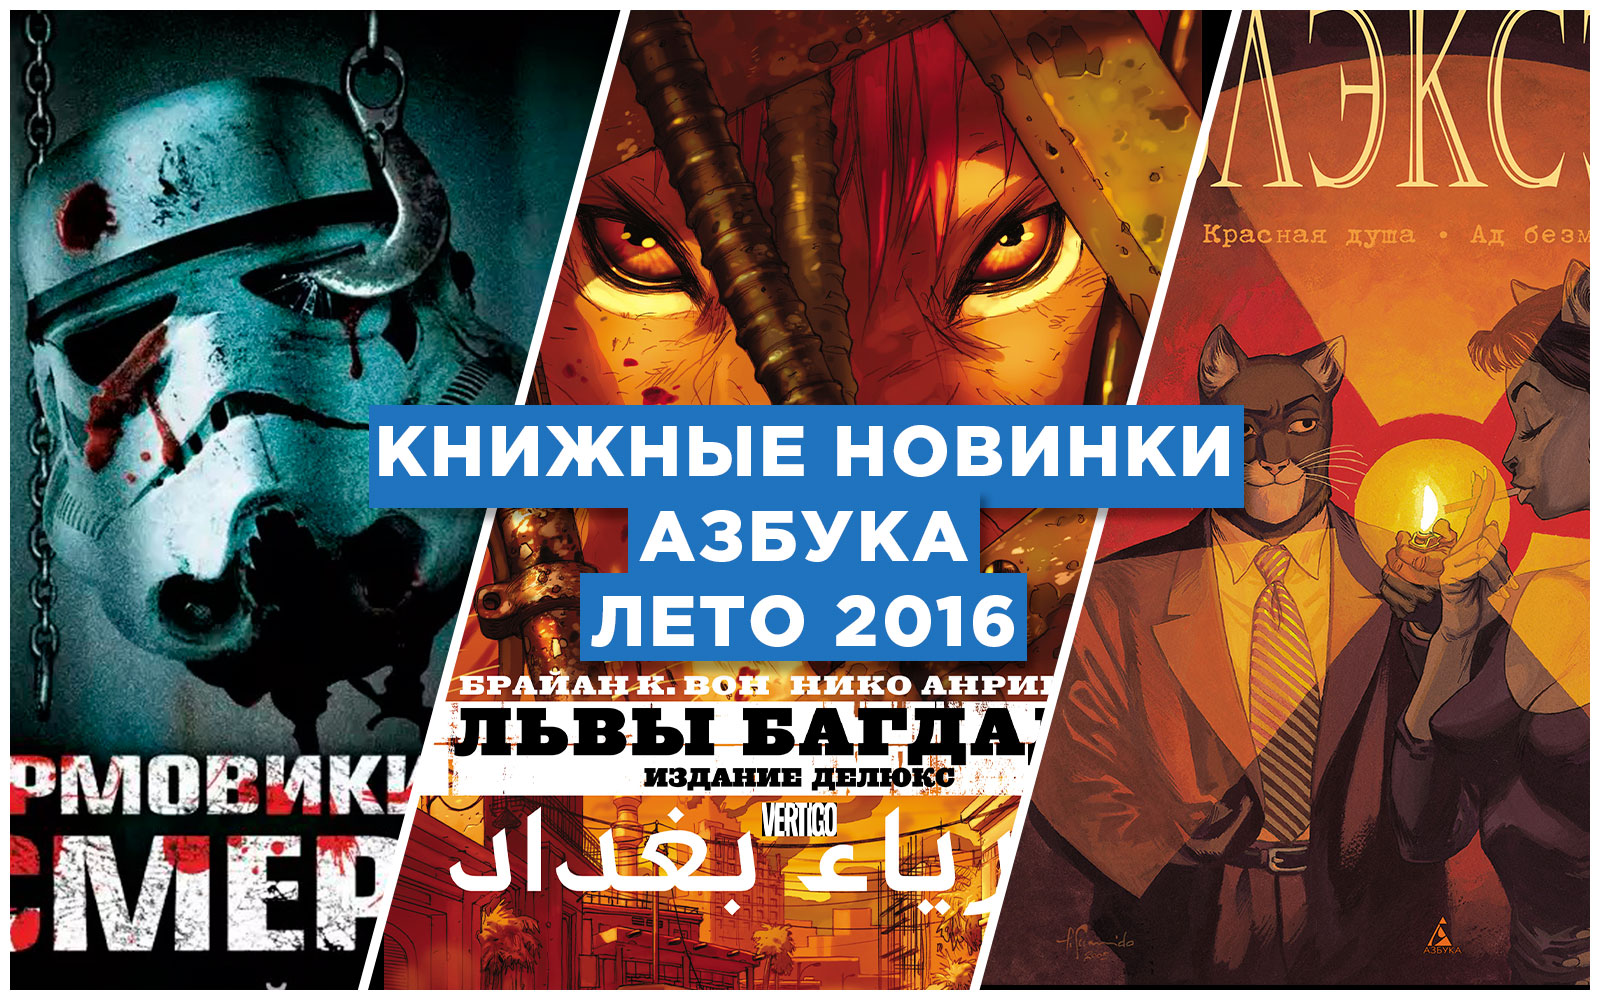 Азбука - книжные новинки (лето 2016)